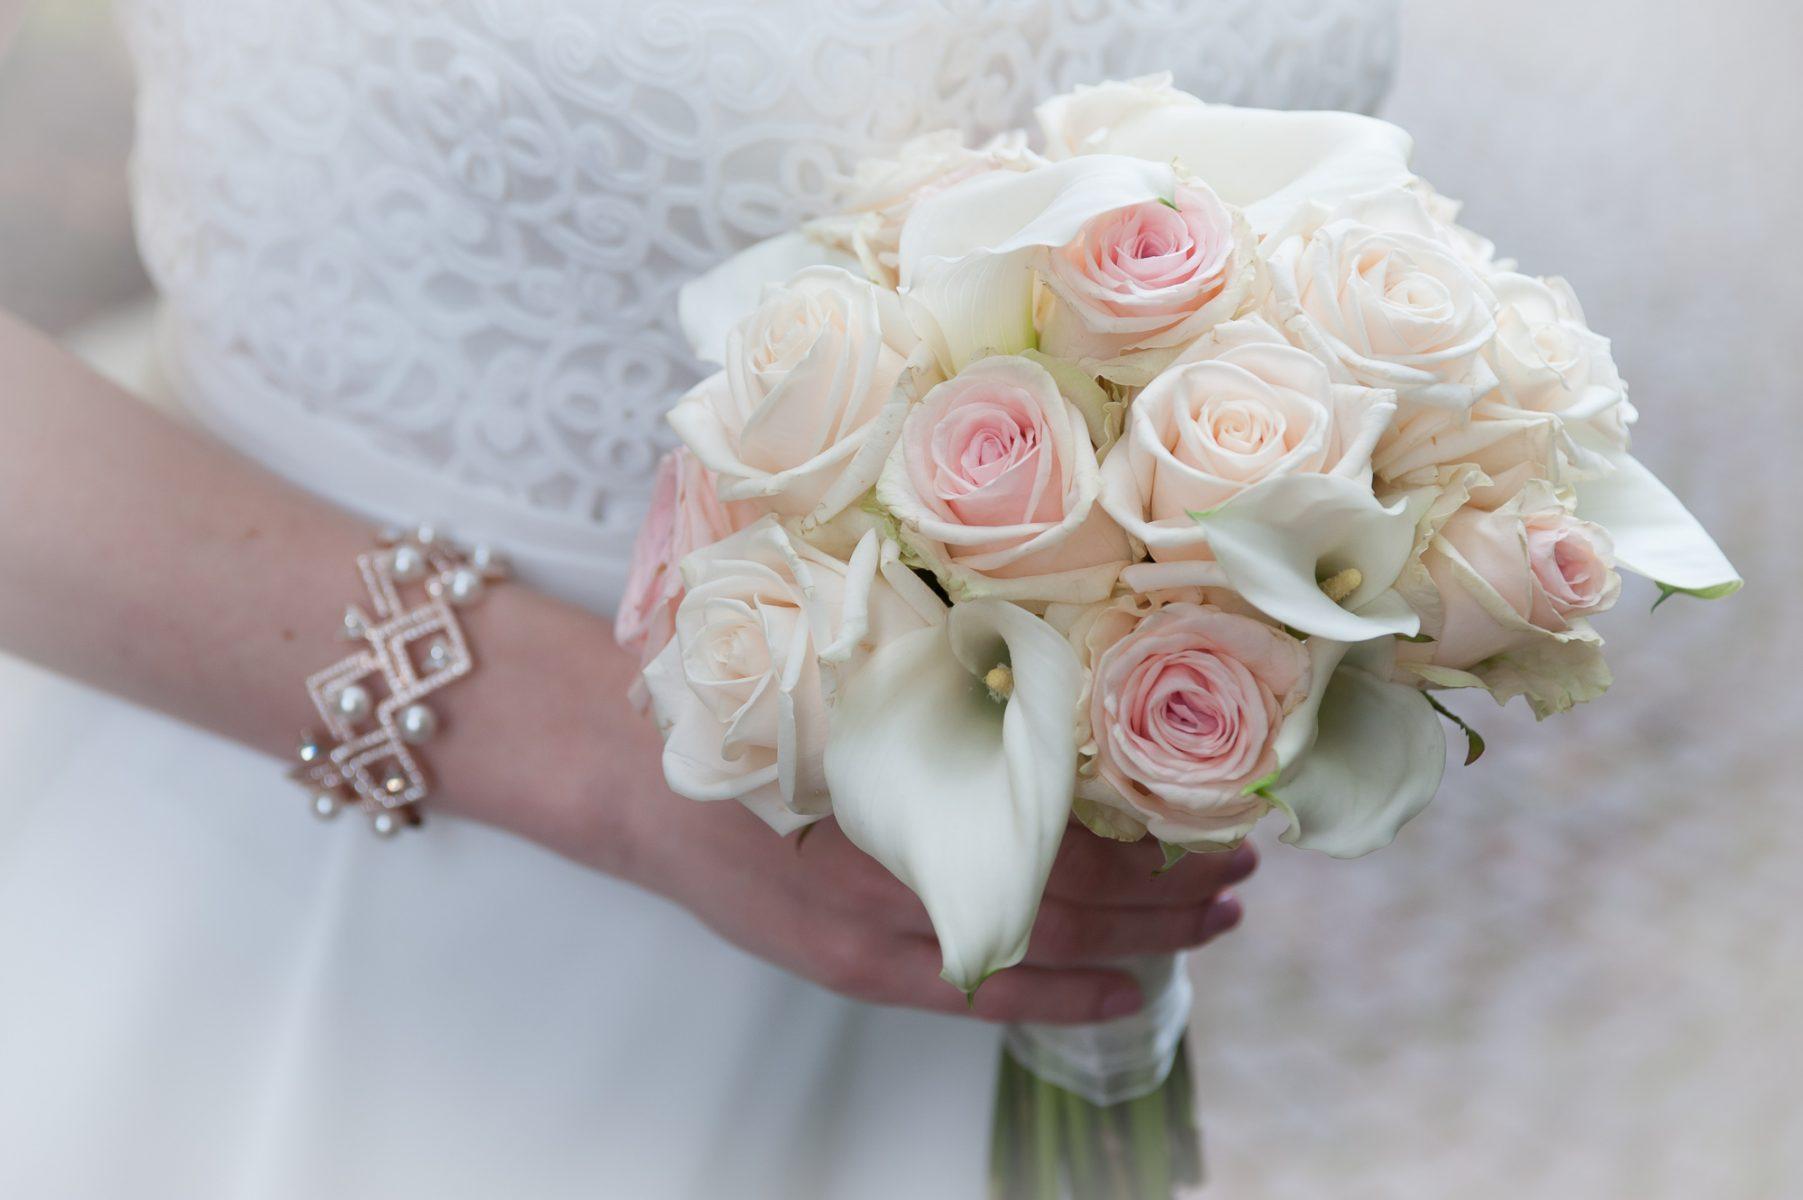 Hochzeit B2000  225464 221 1803x1200 - DETAILS